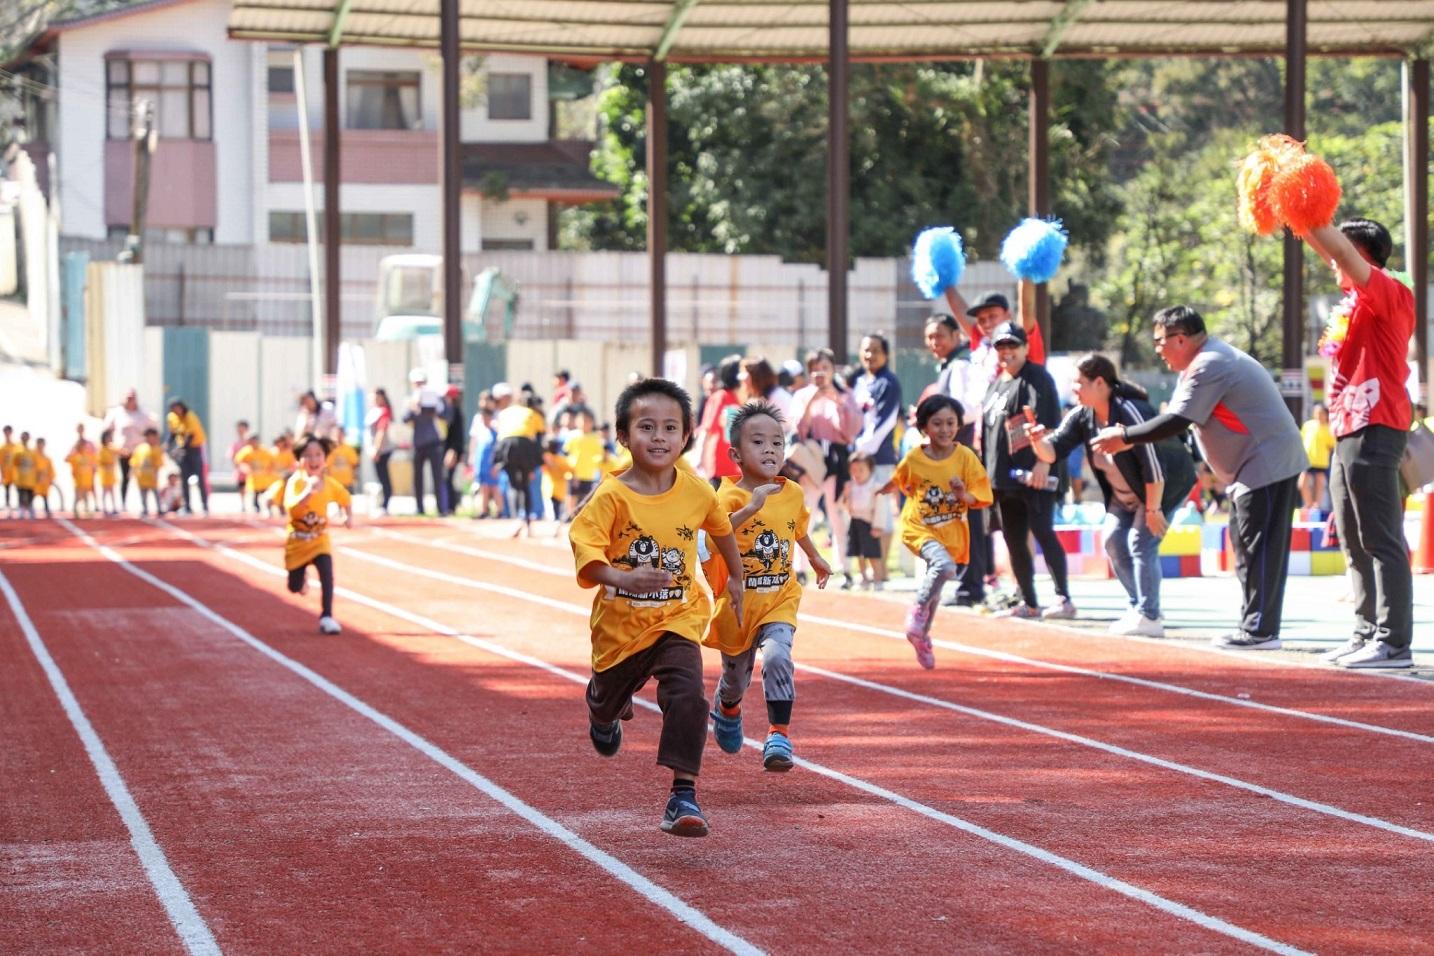 中華三華偏鄉小學運讓百人以下的迷你小學也能舉辦運動會,小朋友同場較勁。